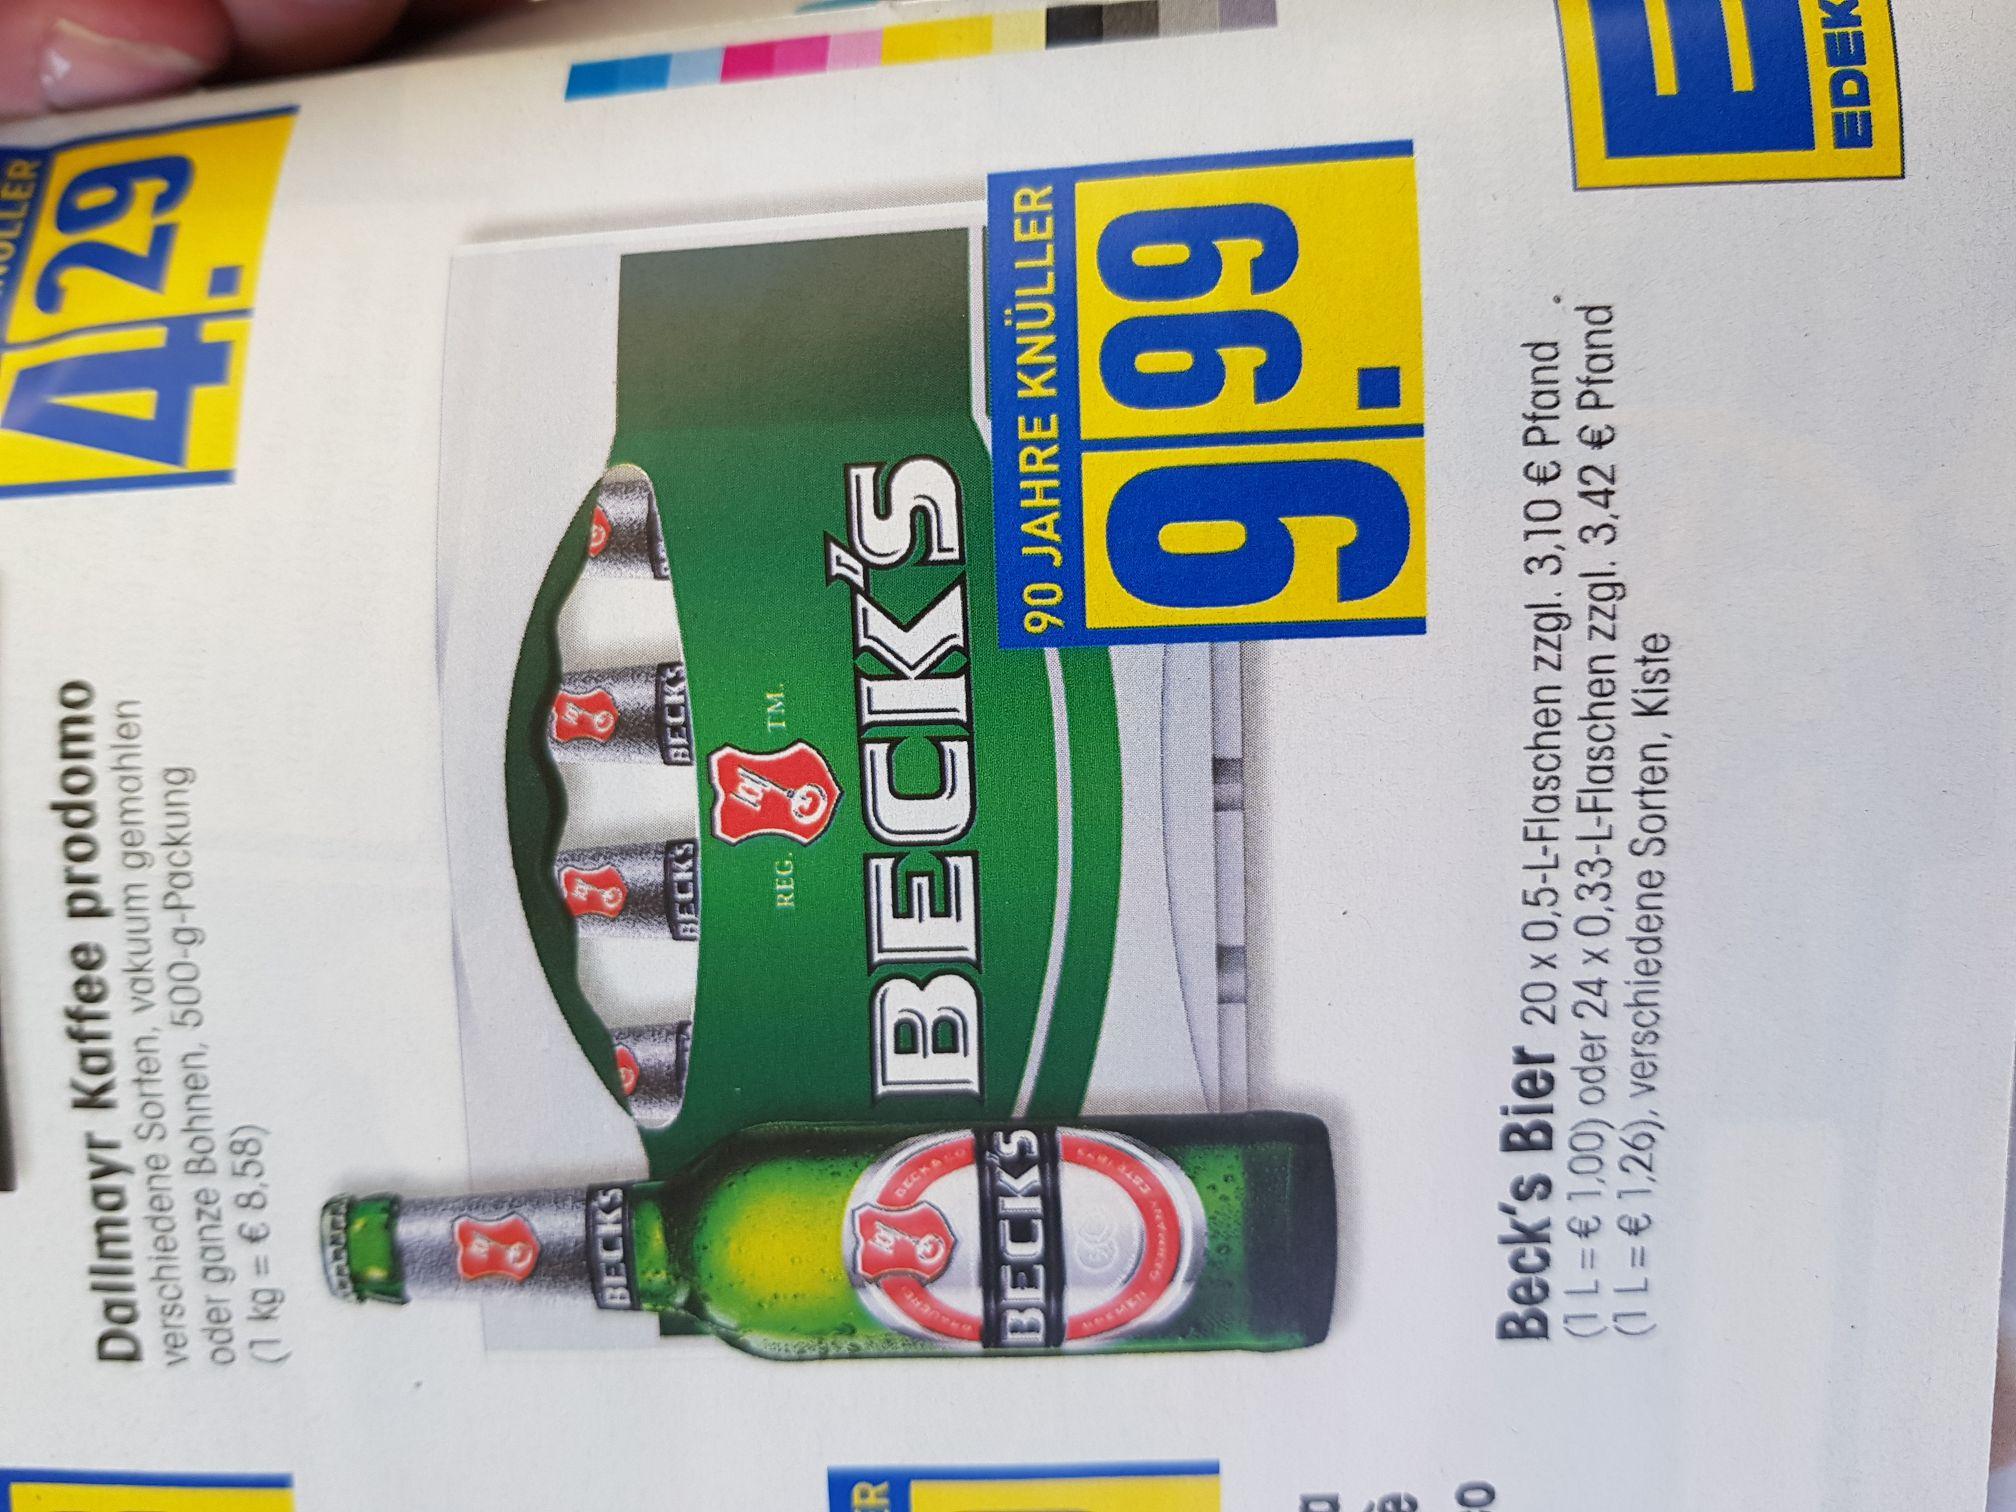 [Edeka] Beck's Bier verschiedene Sorten (10.07-15.07)